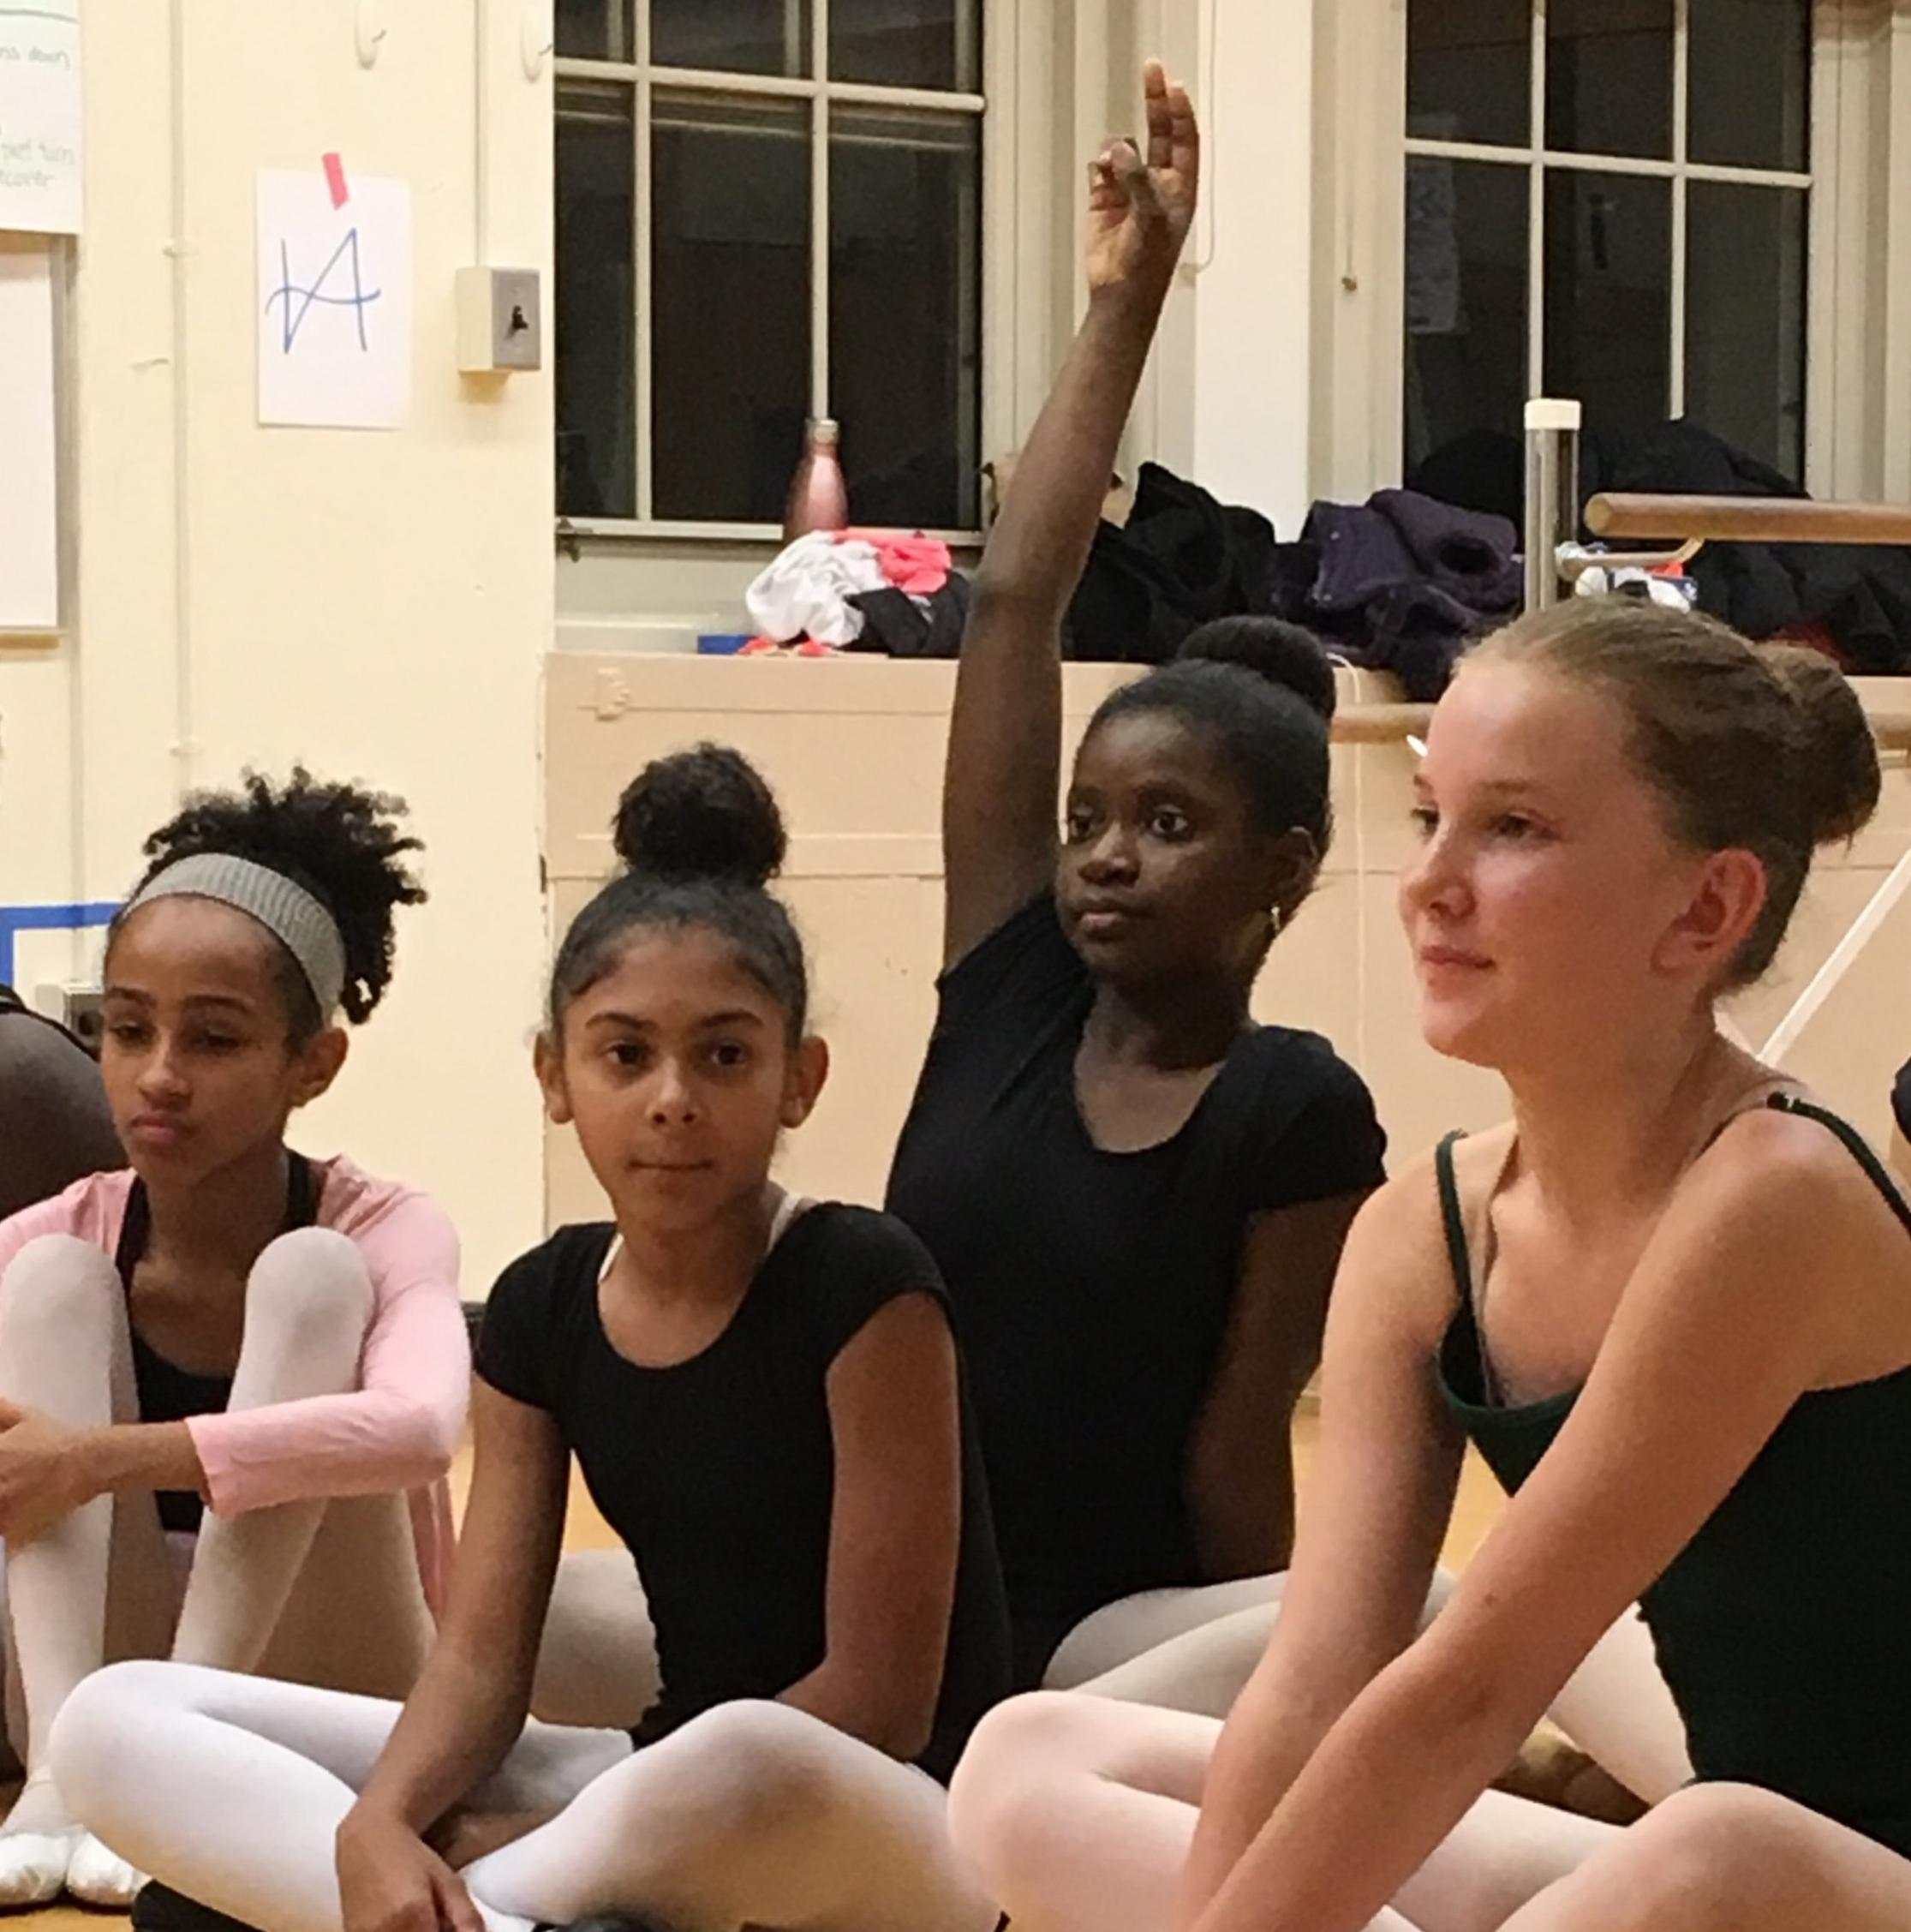 Dancers_handraised_good.jpg